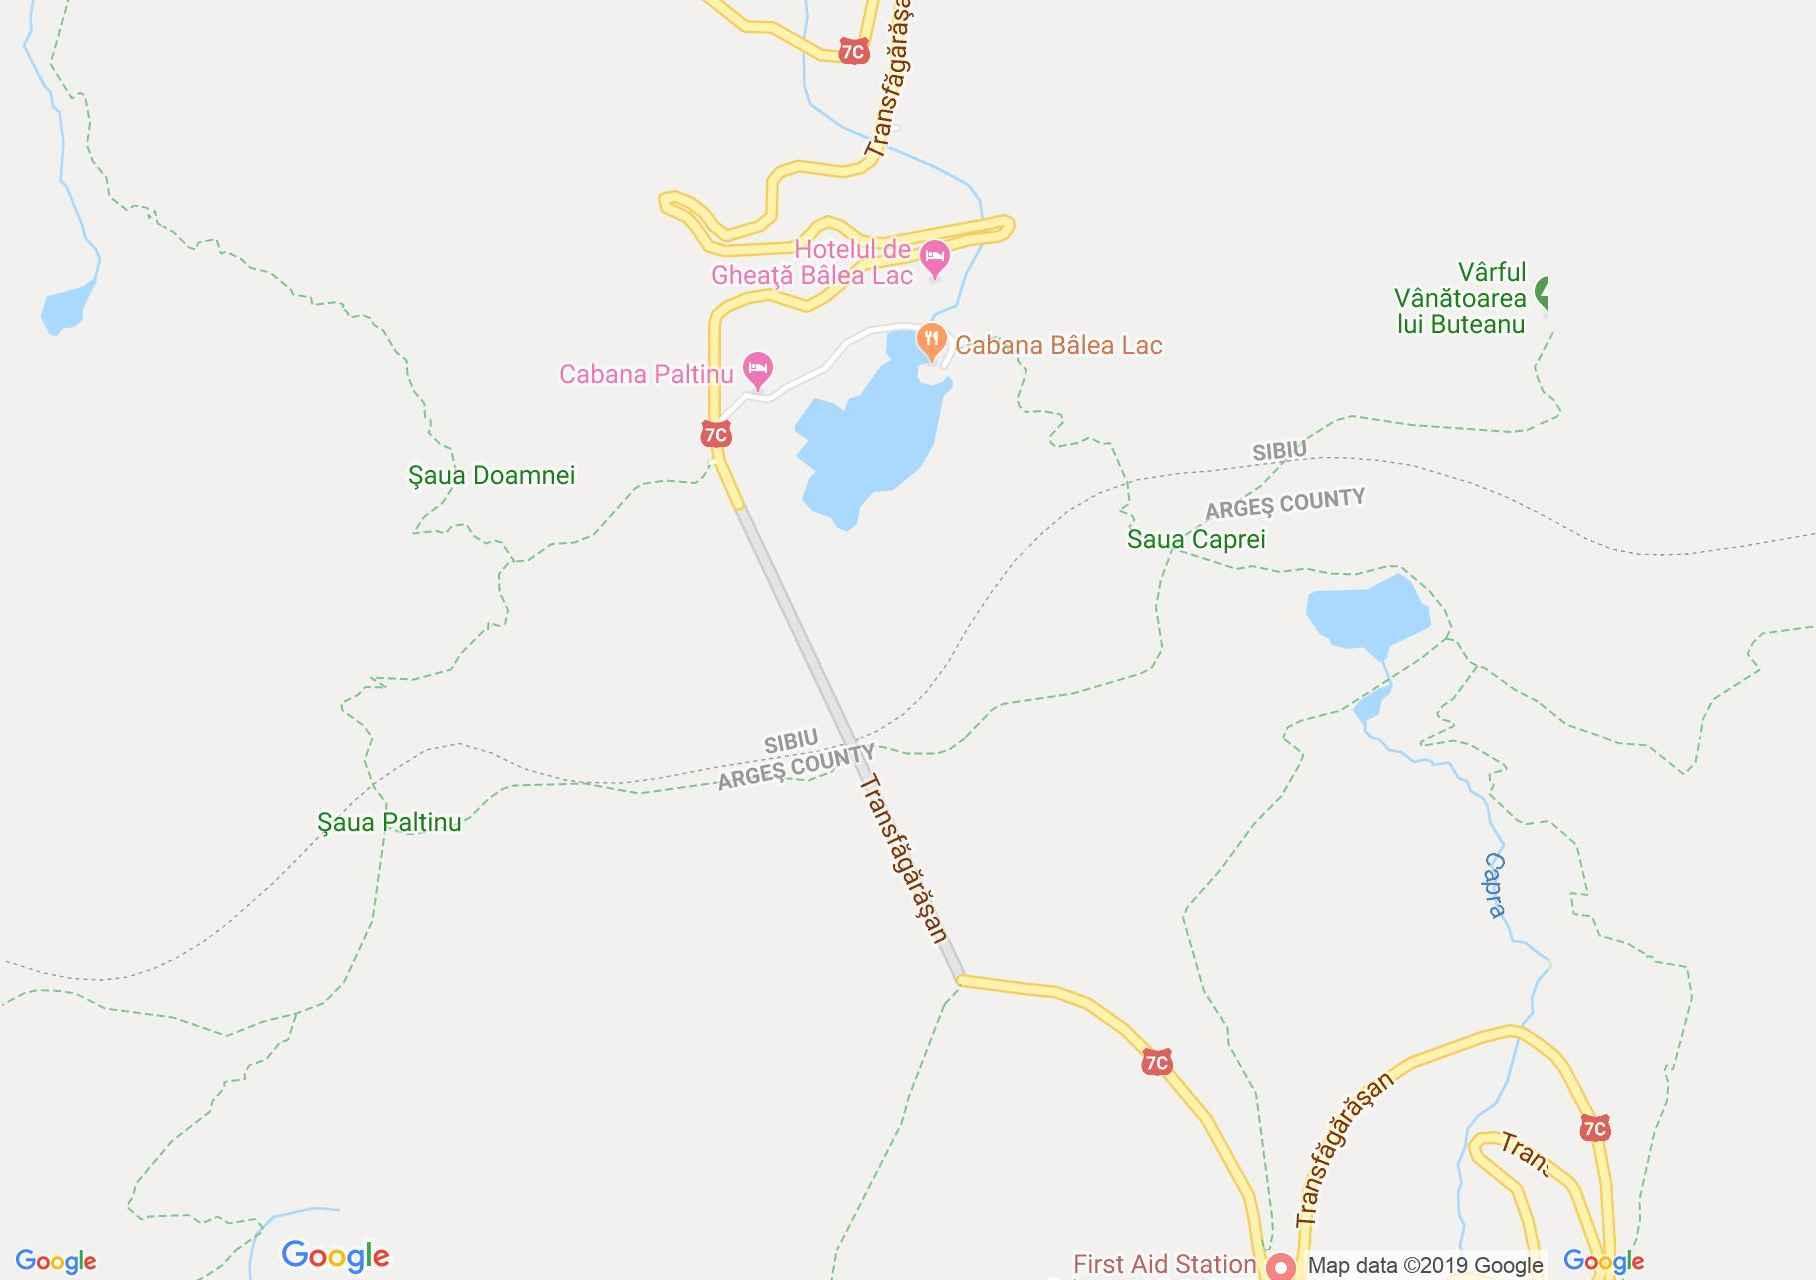 Hartă Munţii Făgăraş: Tunelul Transfăgărăşan sud - Fereastra Bâlei